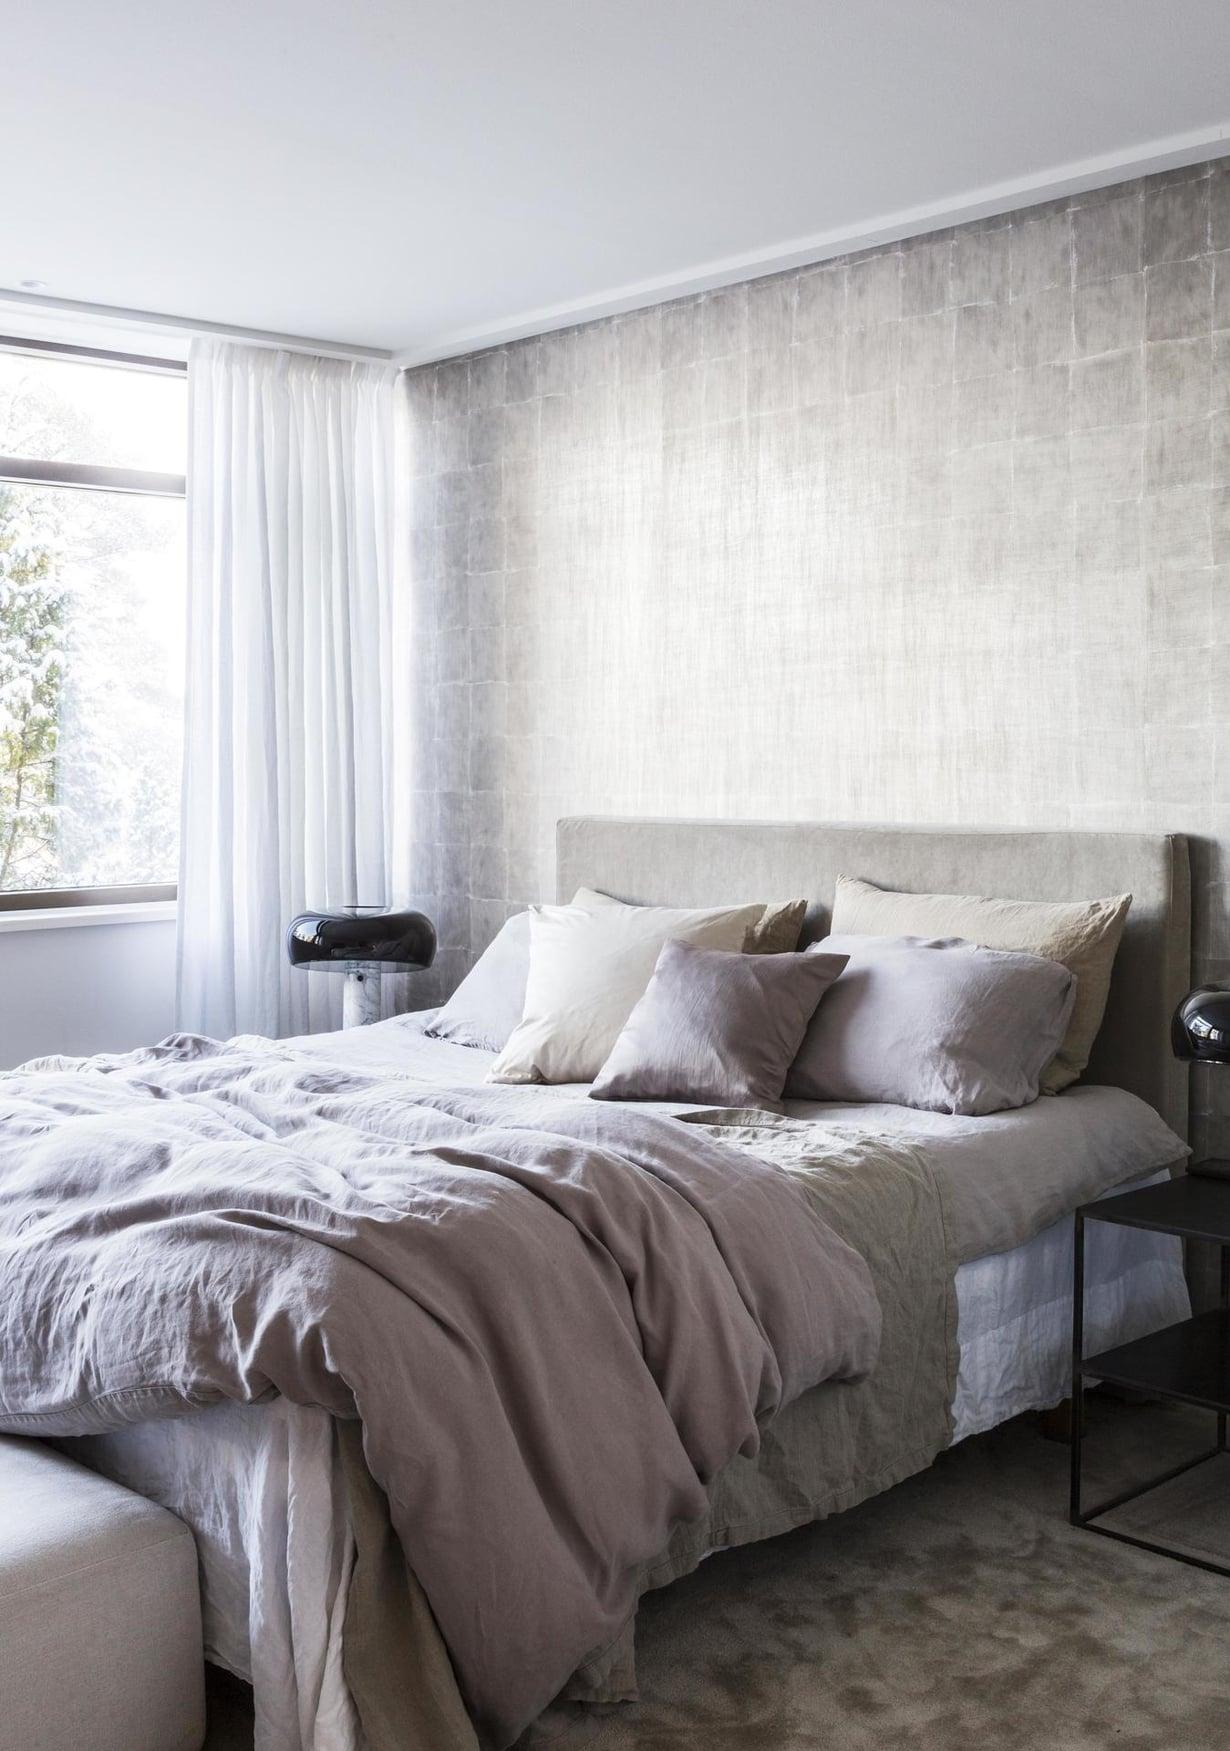 Heini halusi luoda alakerran makuuhuoneesta rauhallisen ja yksisävyisen kokonaisuuden. Pehmeä kokolattiamatto on Koolmatin valikoimista ja sillä on ihana astella paljain varpain.